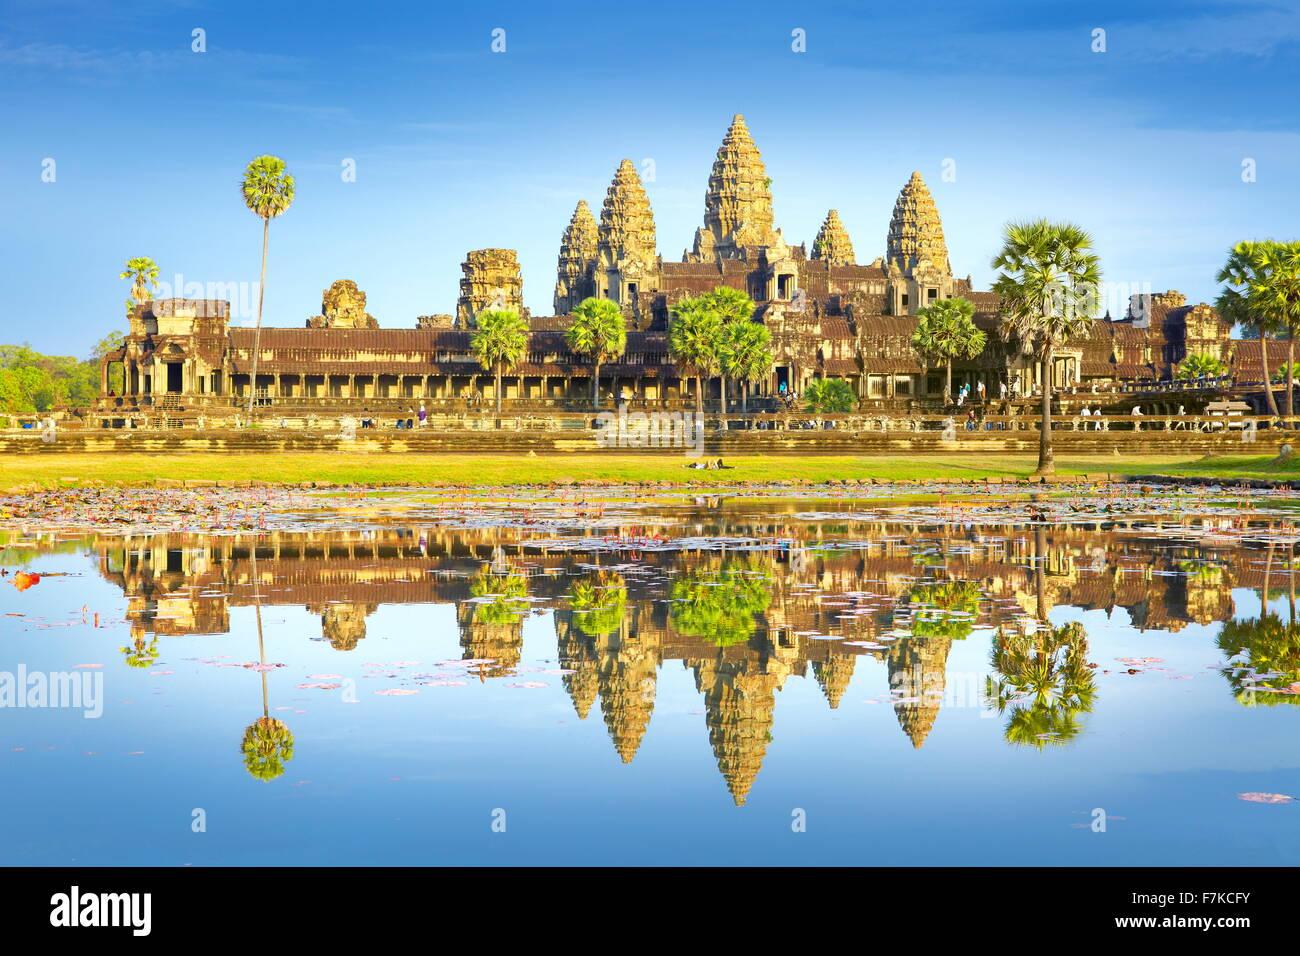 Angkor - monumentale Stadt, die nach der alten Hauptstadt des Khmer-Reiches, Kambodscha, Angkor Wat Tempel, Asien Stockbild